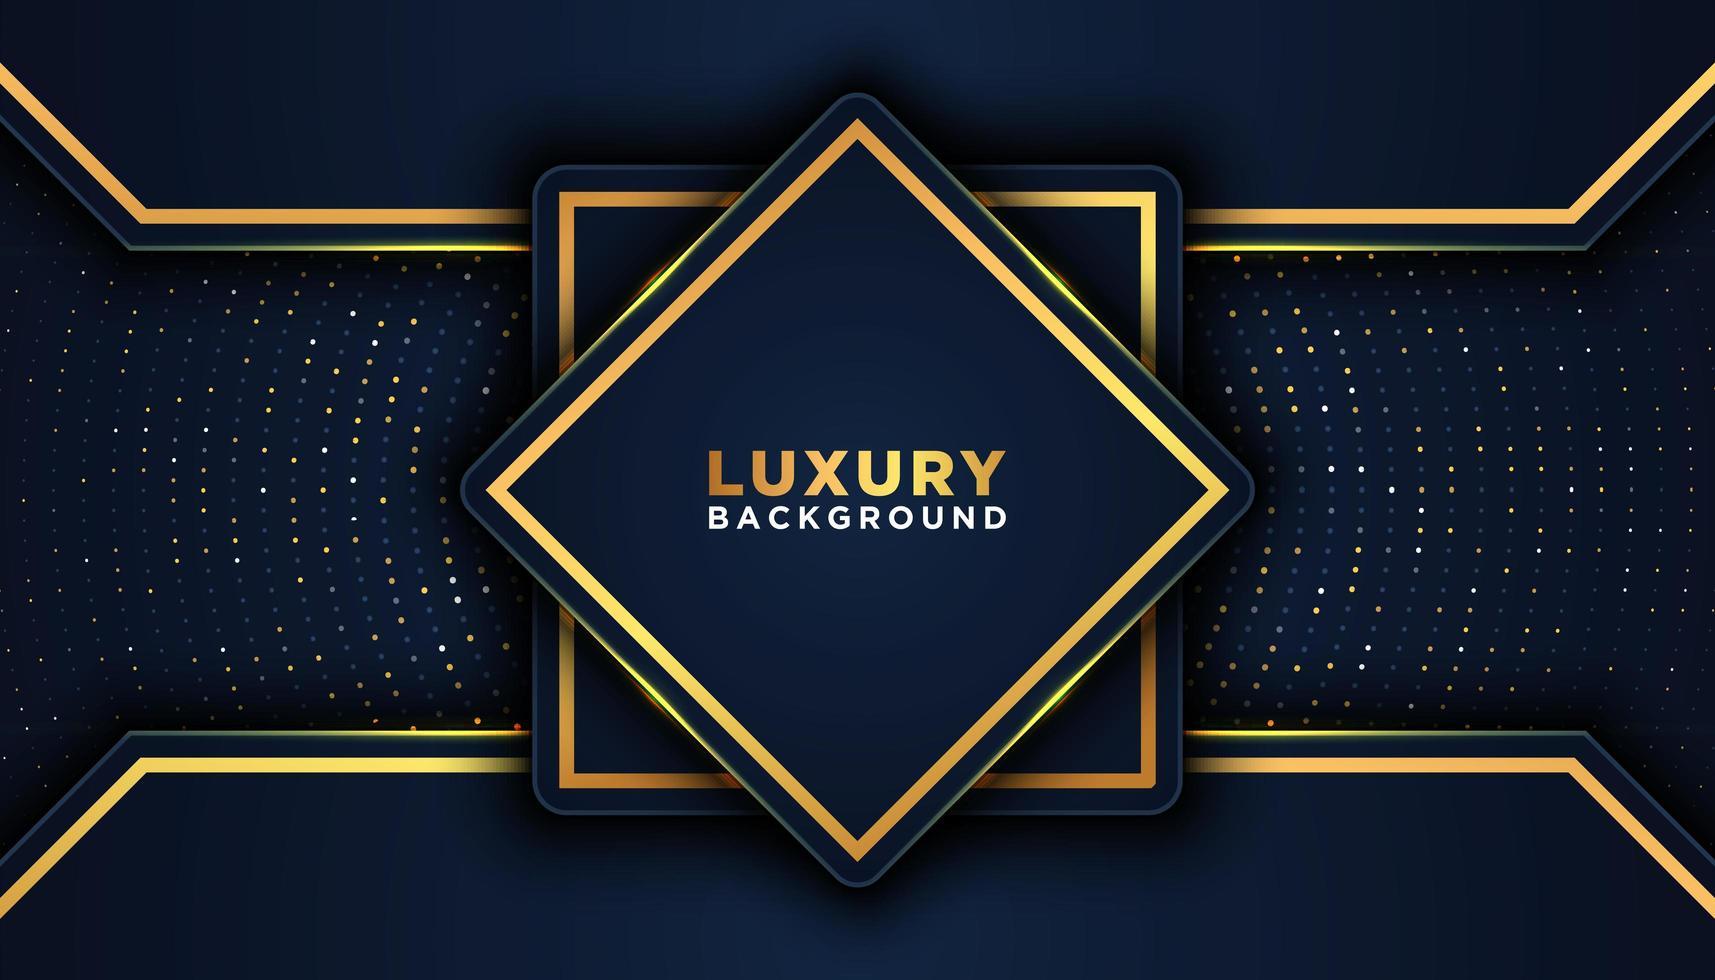 fond de luxe sombre géométrique 3d avec des accents d'or vecteur